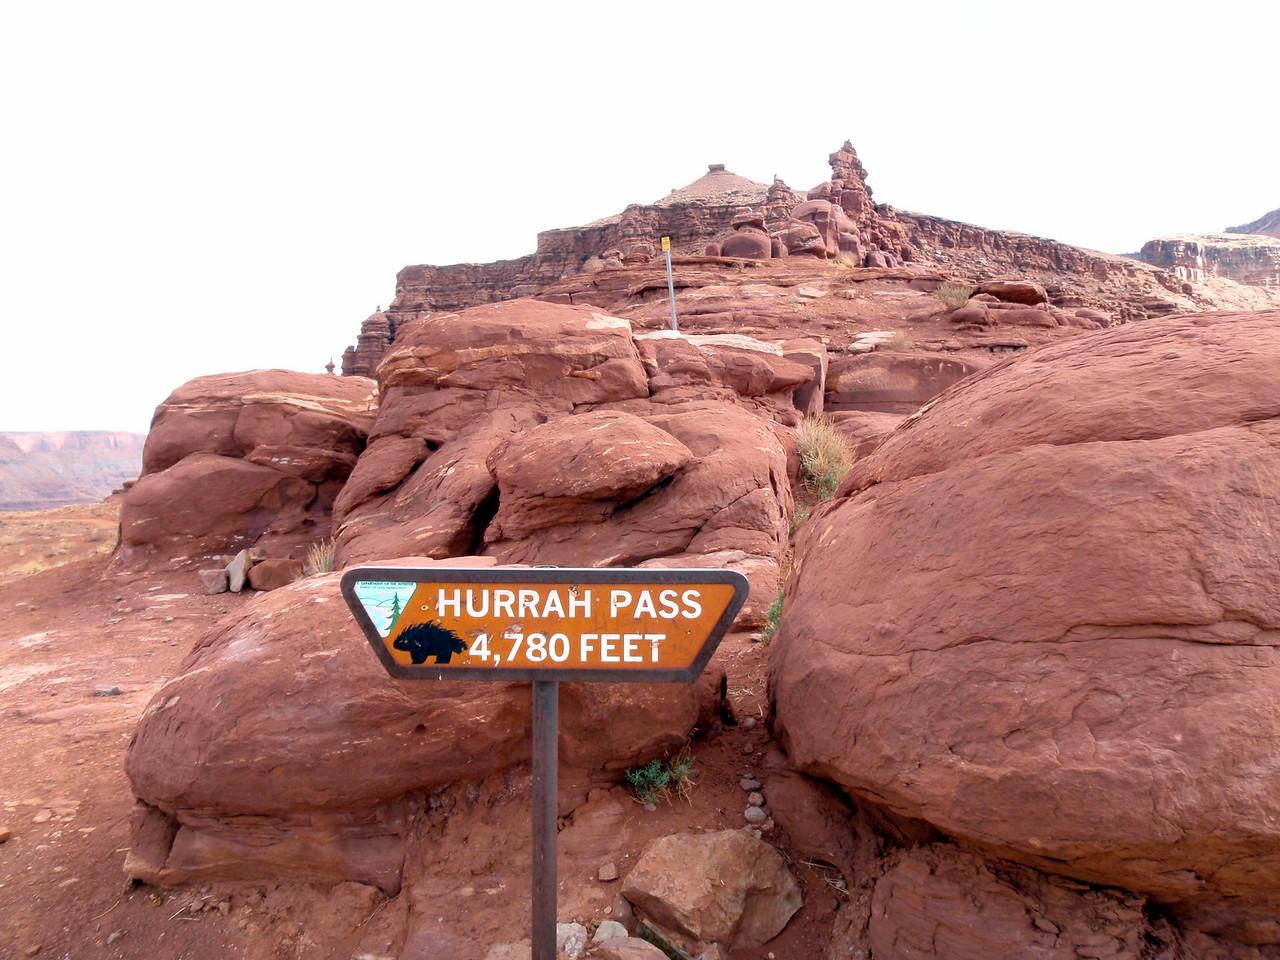 Summit of Harrah Pass Near Moab, UT